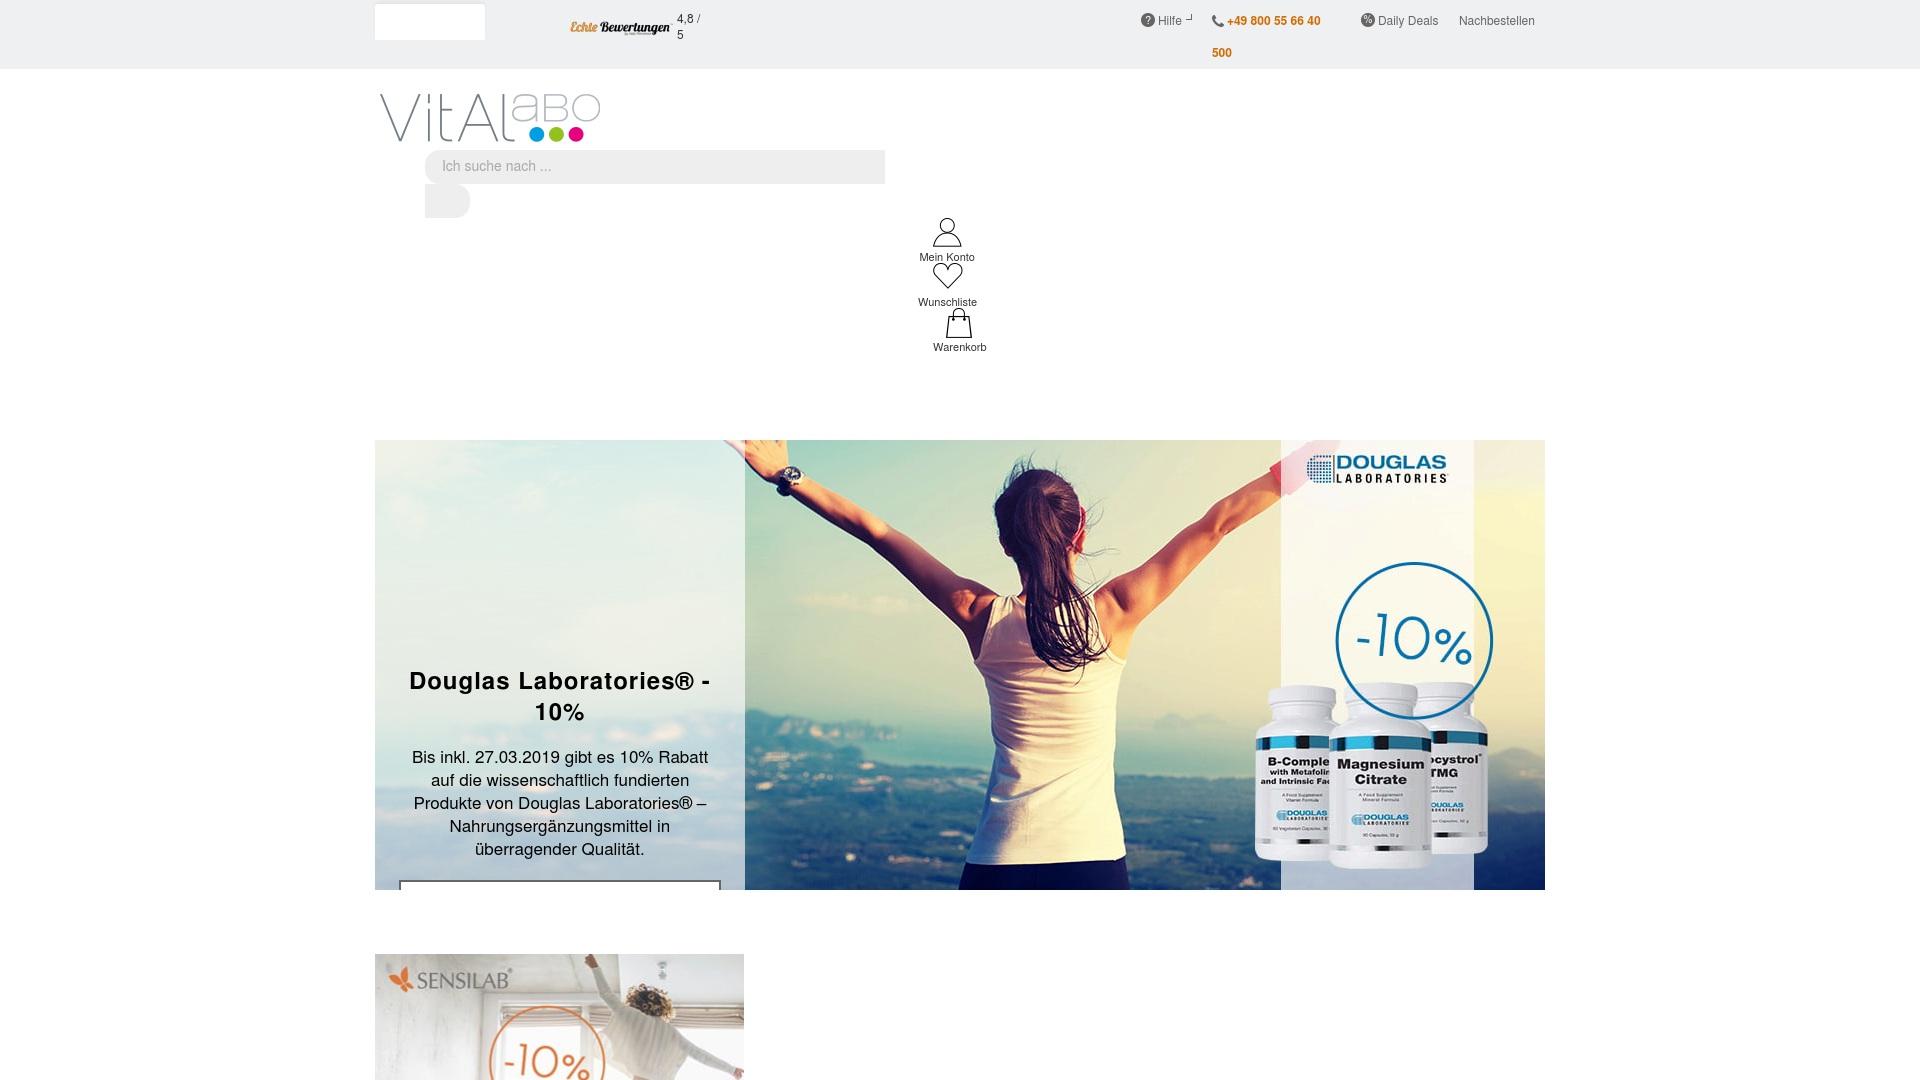 Geld zurück bei Vitalabo: Jetzt im September 2021 Cashback für Vitalabo sichern